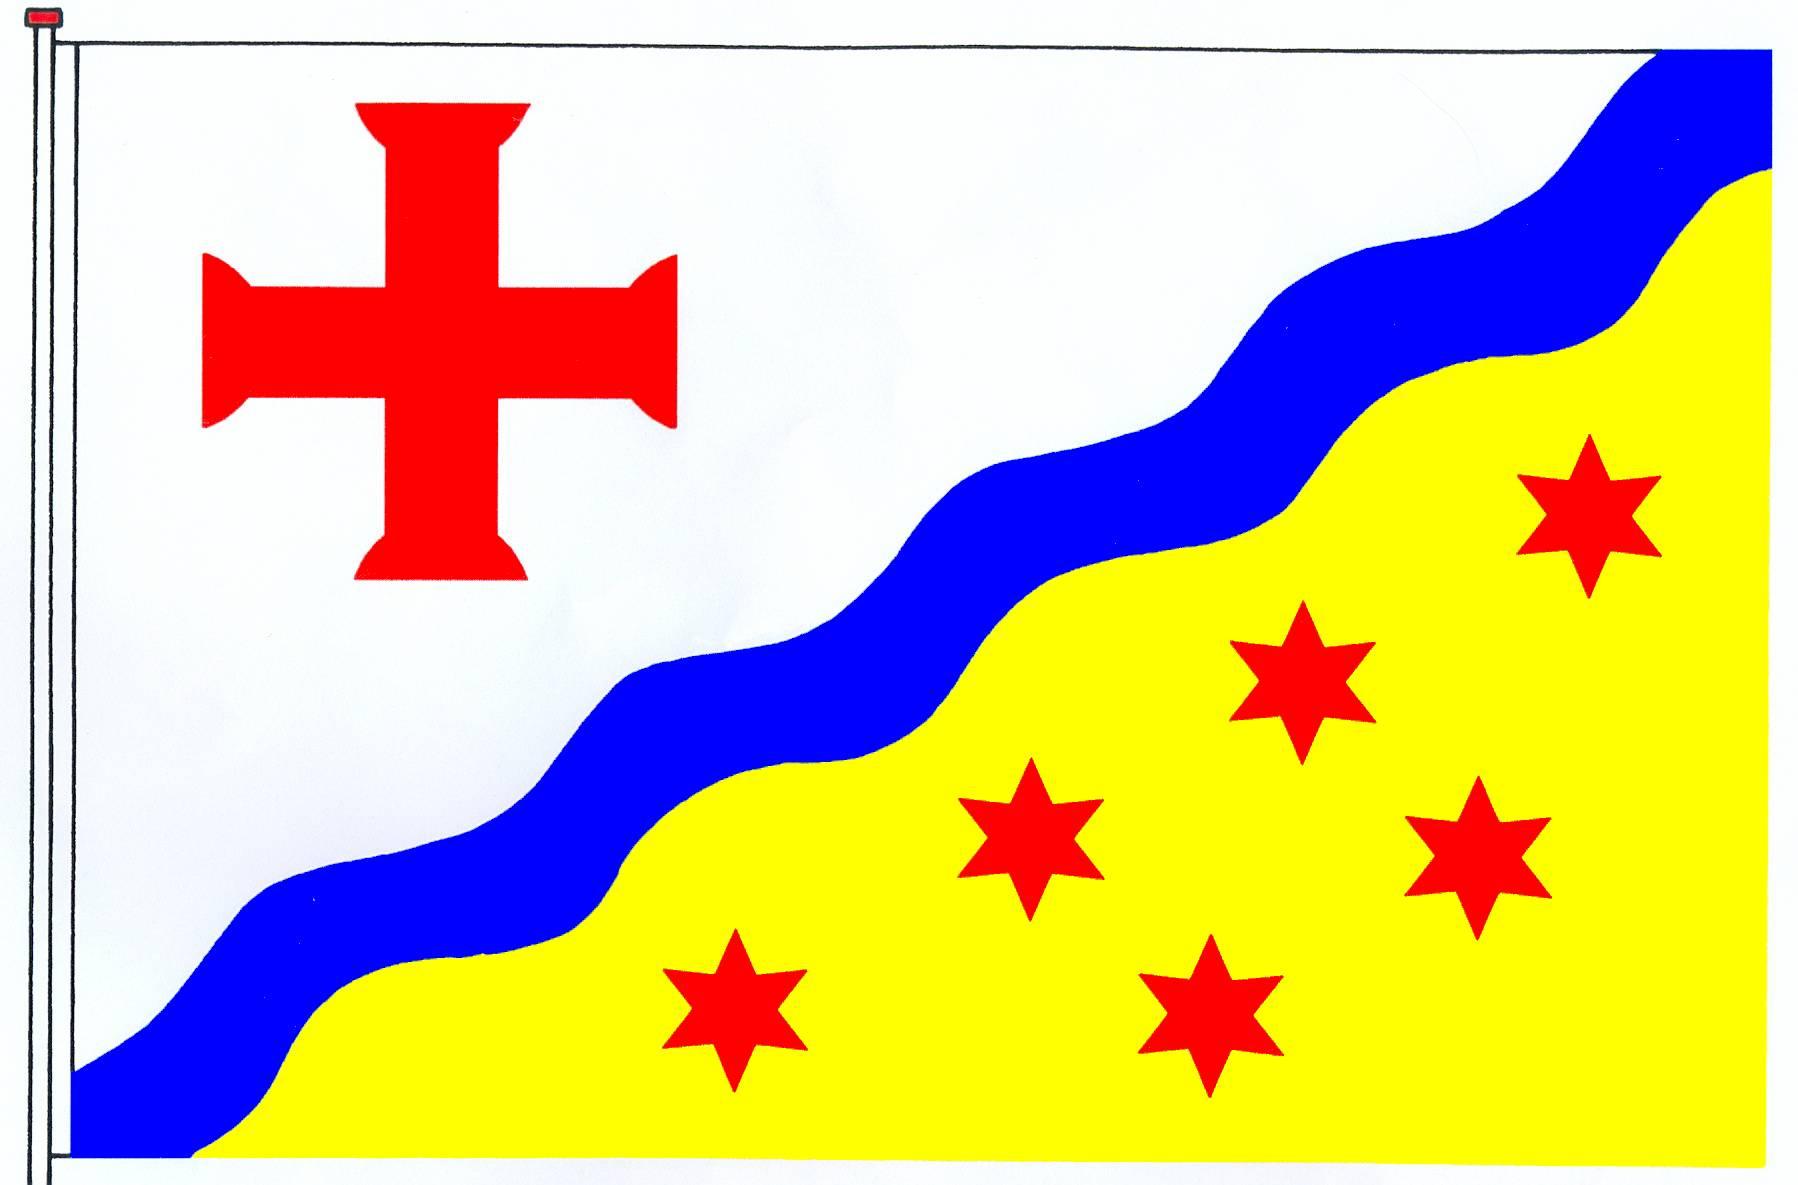 Flagge GemeindeViöl, Kreis Nordfriesland